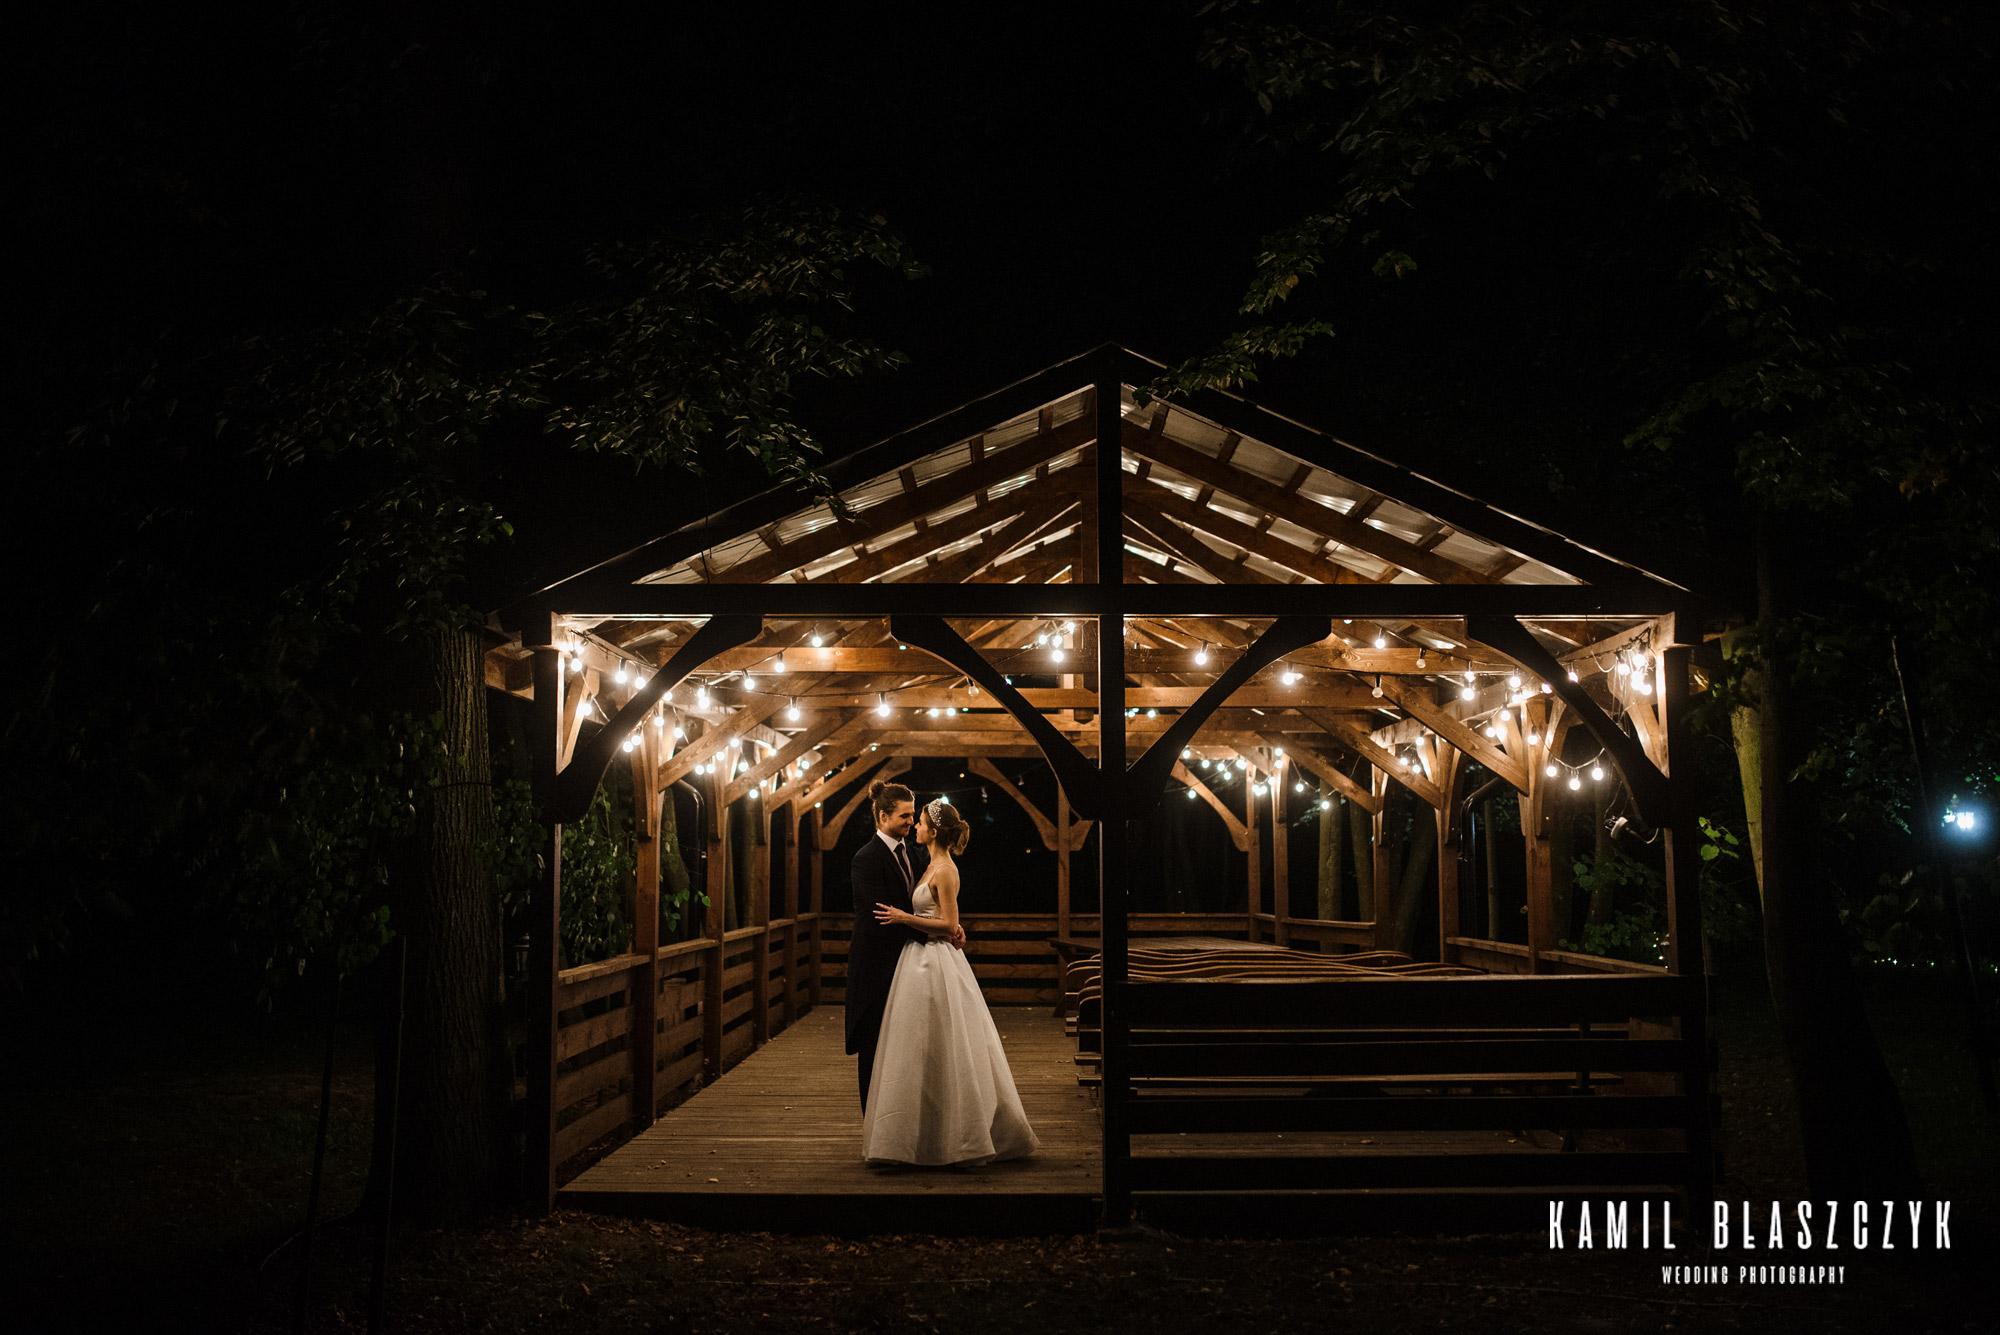 Sesja ślubna Damiana i Natalii w Altanie o zmroku w świetle Girland